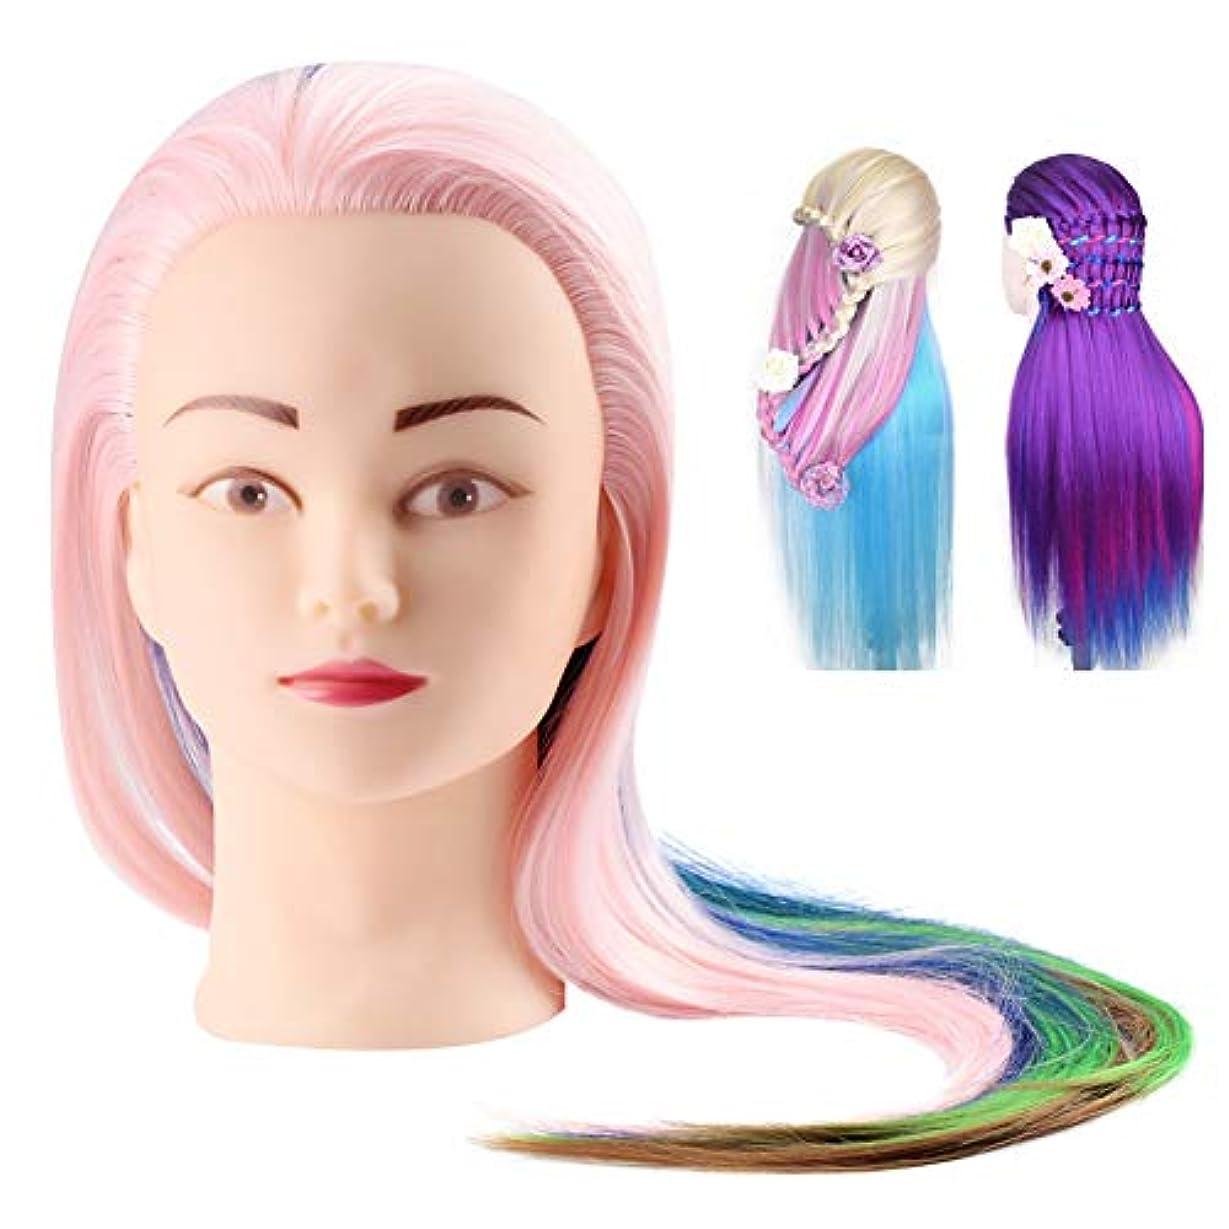 飼料ヒゲ驚いたことにプロの理髪ヘッド、化粧品実用的なマネキン人形人工毛、人工毛理髪トレーニングヘッドエクササイズマネキン